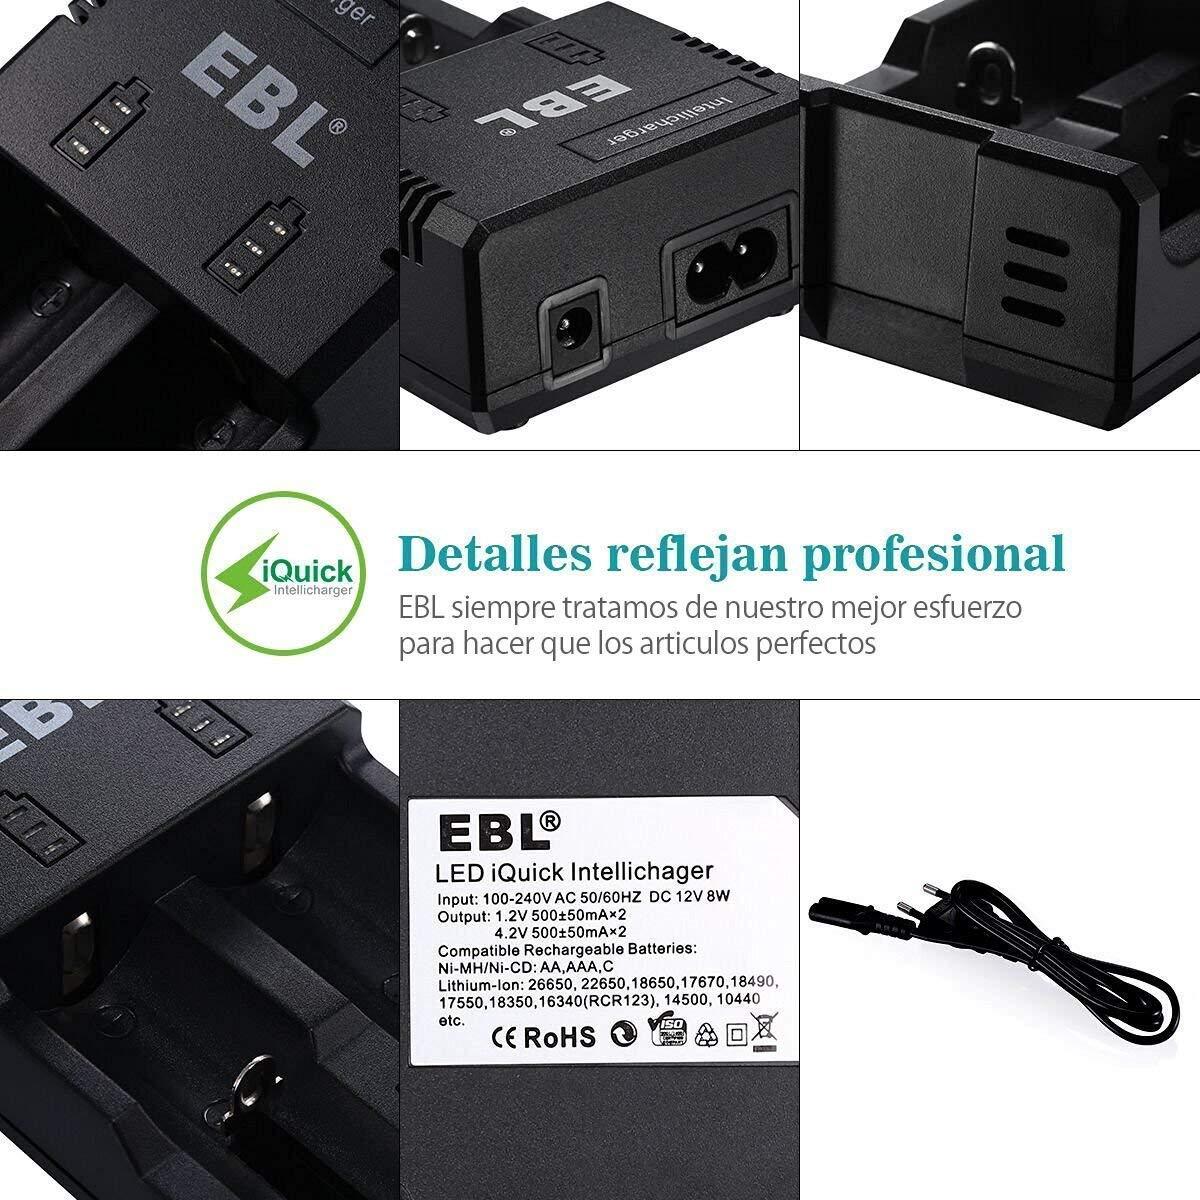 EBL Cargador con 2 Ranuras para Pila de Litio 18650 26650 14450 y Ni-MH Ni-CD AA AAA C Pilas Recargables con iQuick Tecnología